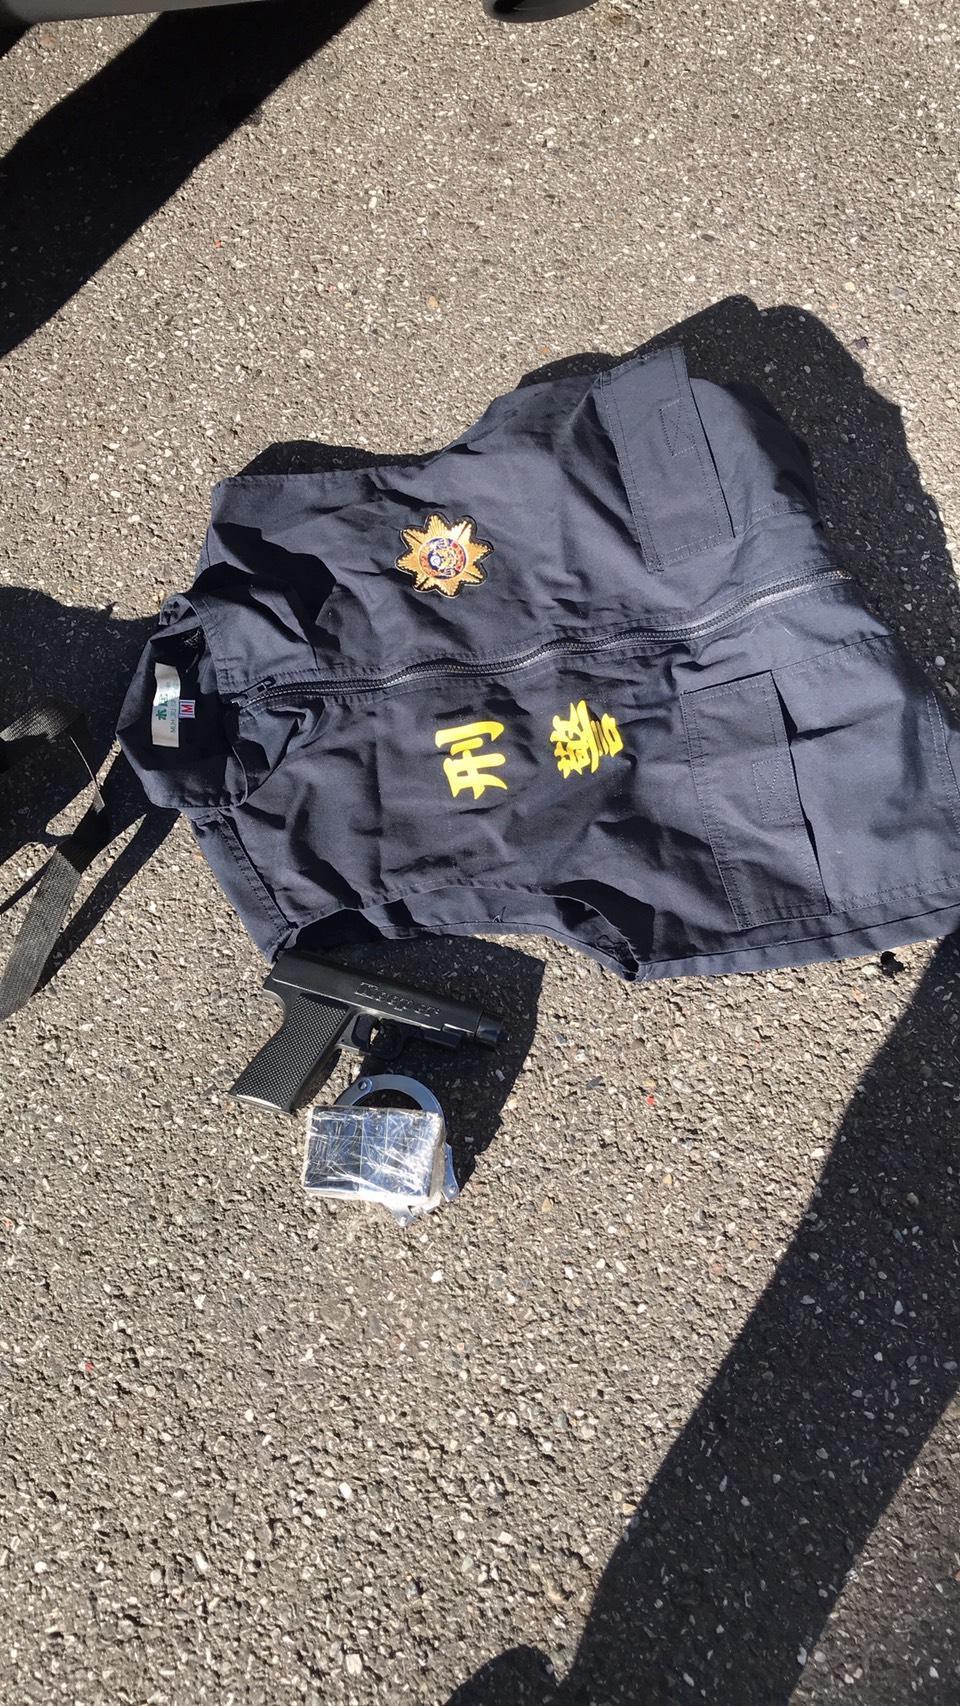 警方查扣假刑警背心、玩具槍等證物。(翻攝畫面)